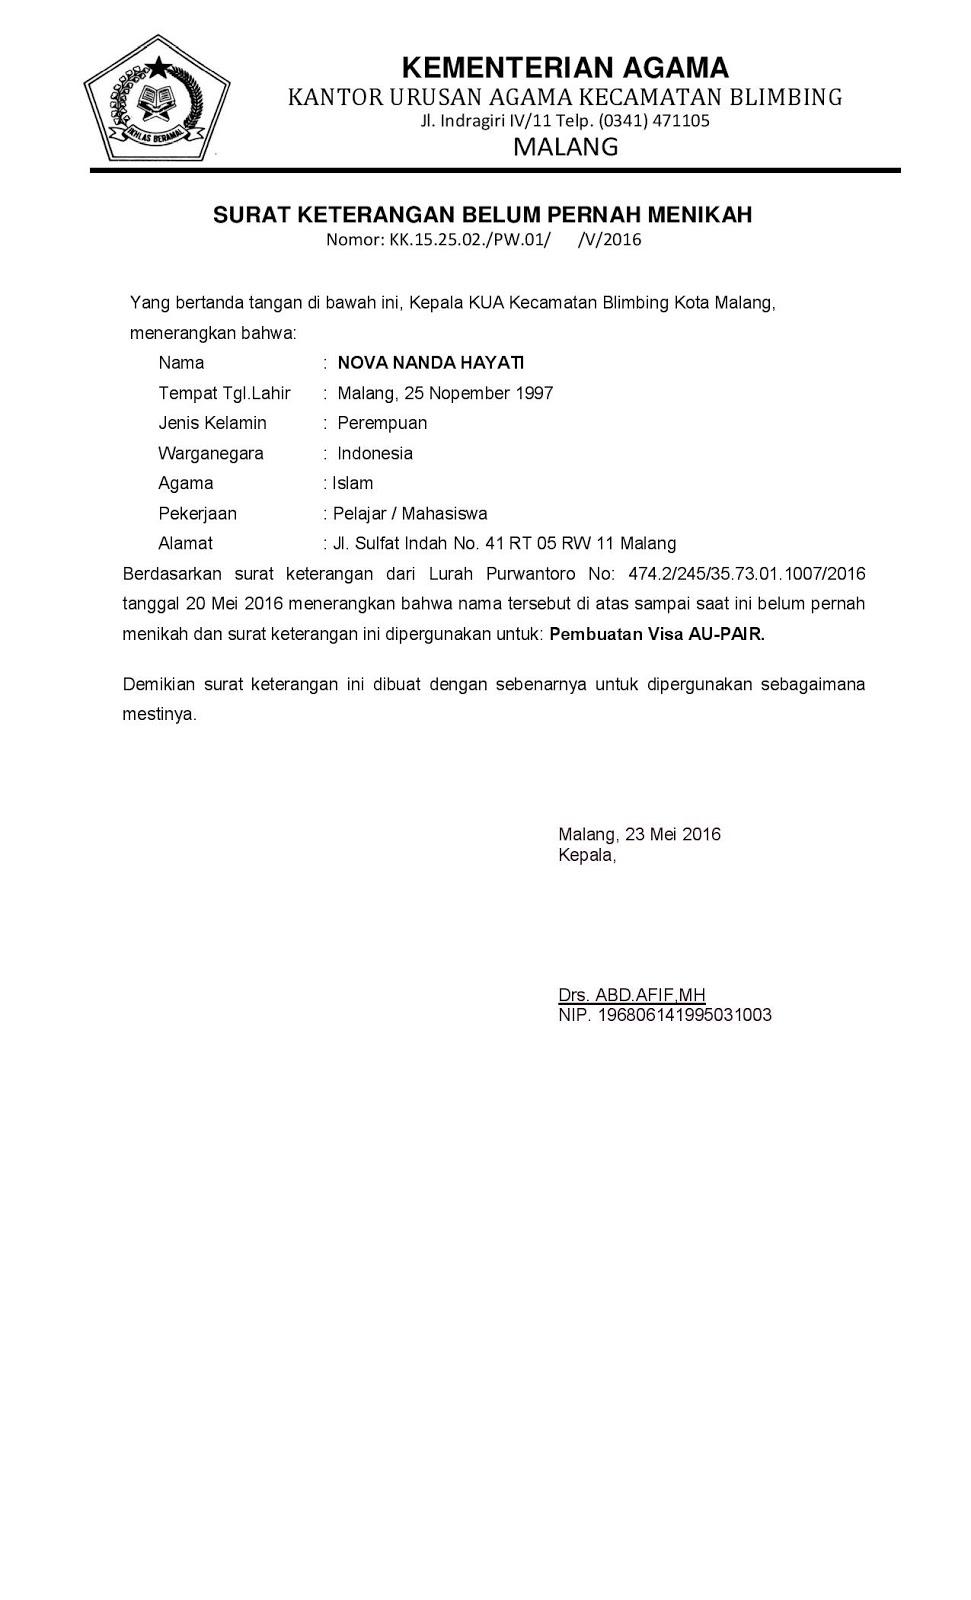 Contoh: Surat Keterangan Belum Menikah dari KUA - KUA ...